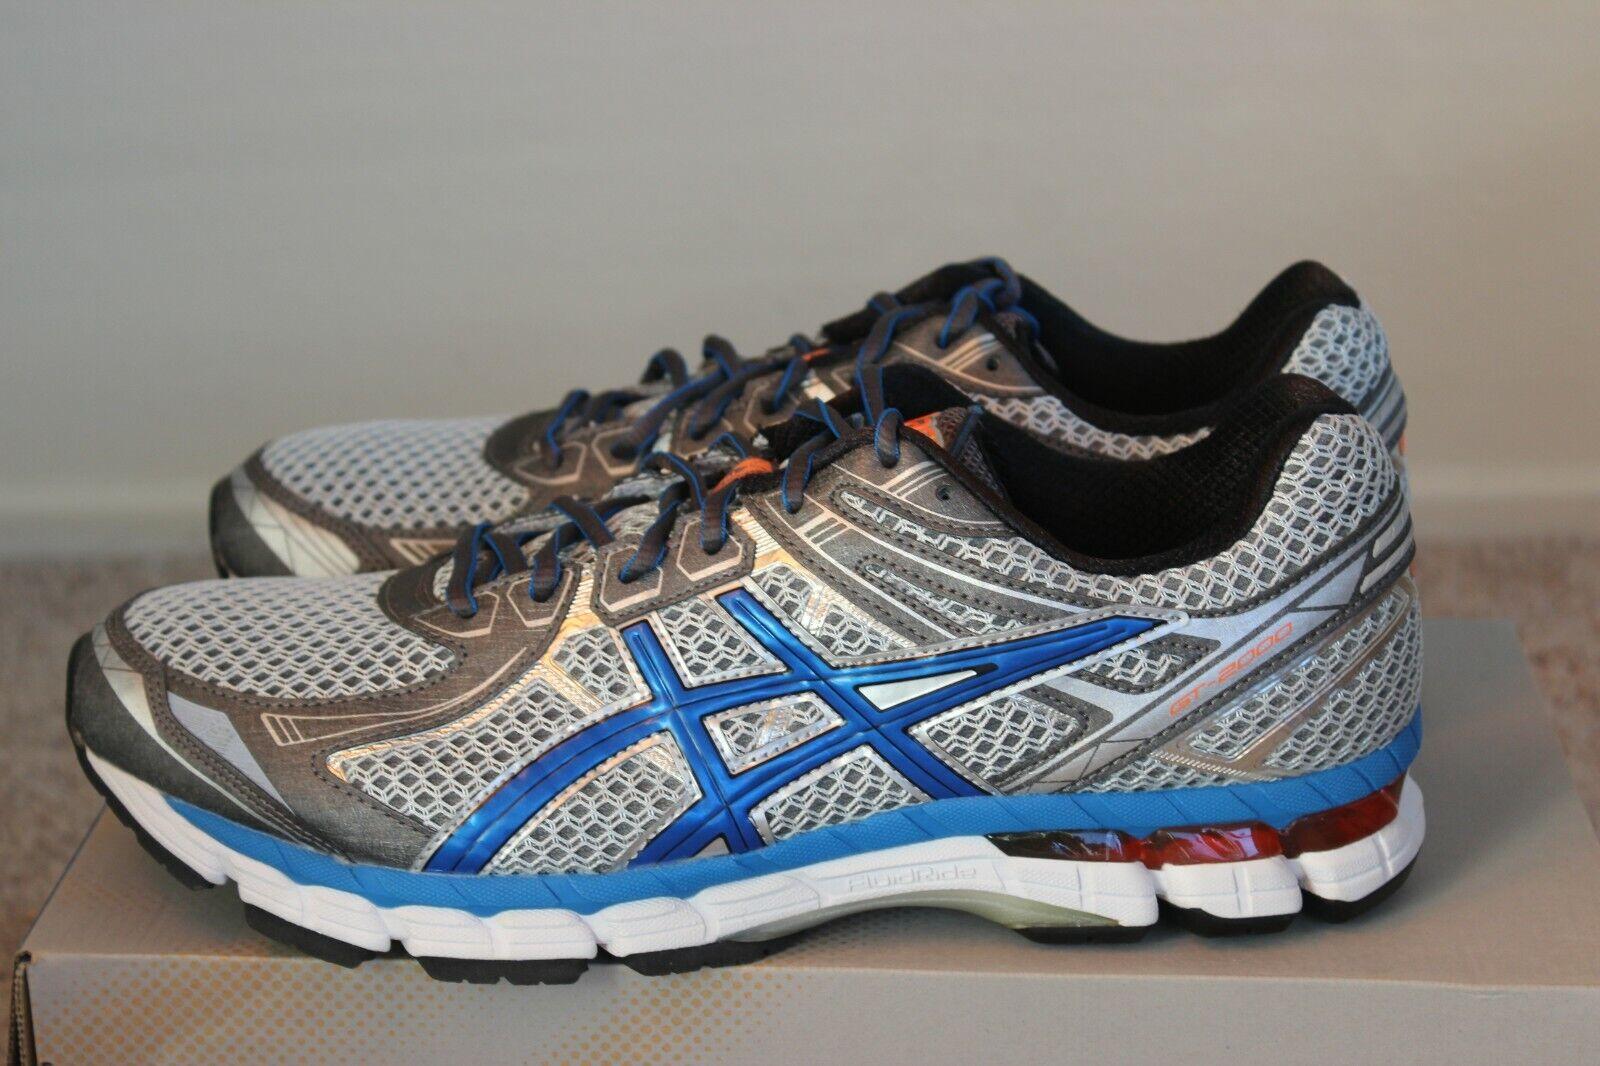 Asics GT-2000 2 (4E) para hombres Zapatos tenis de correr azul titanio